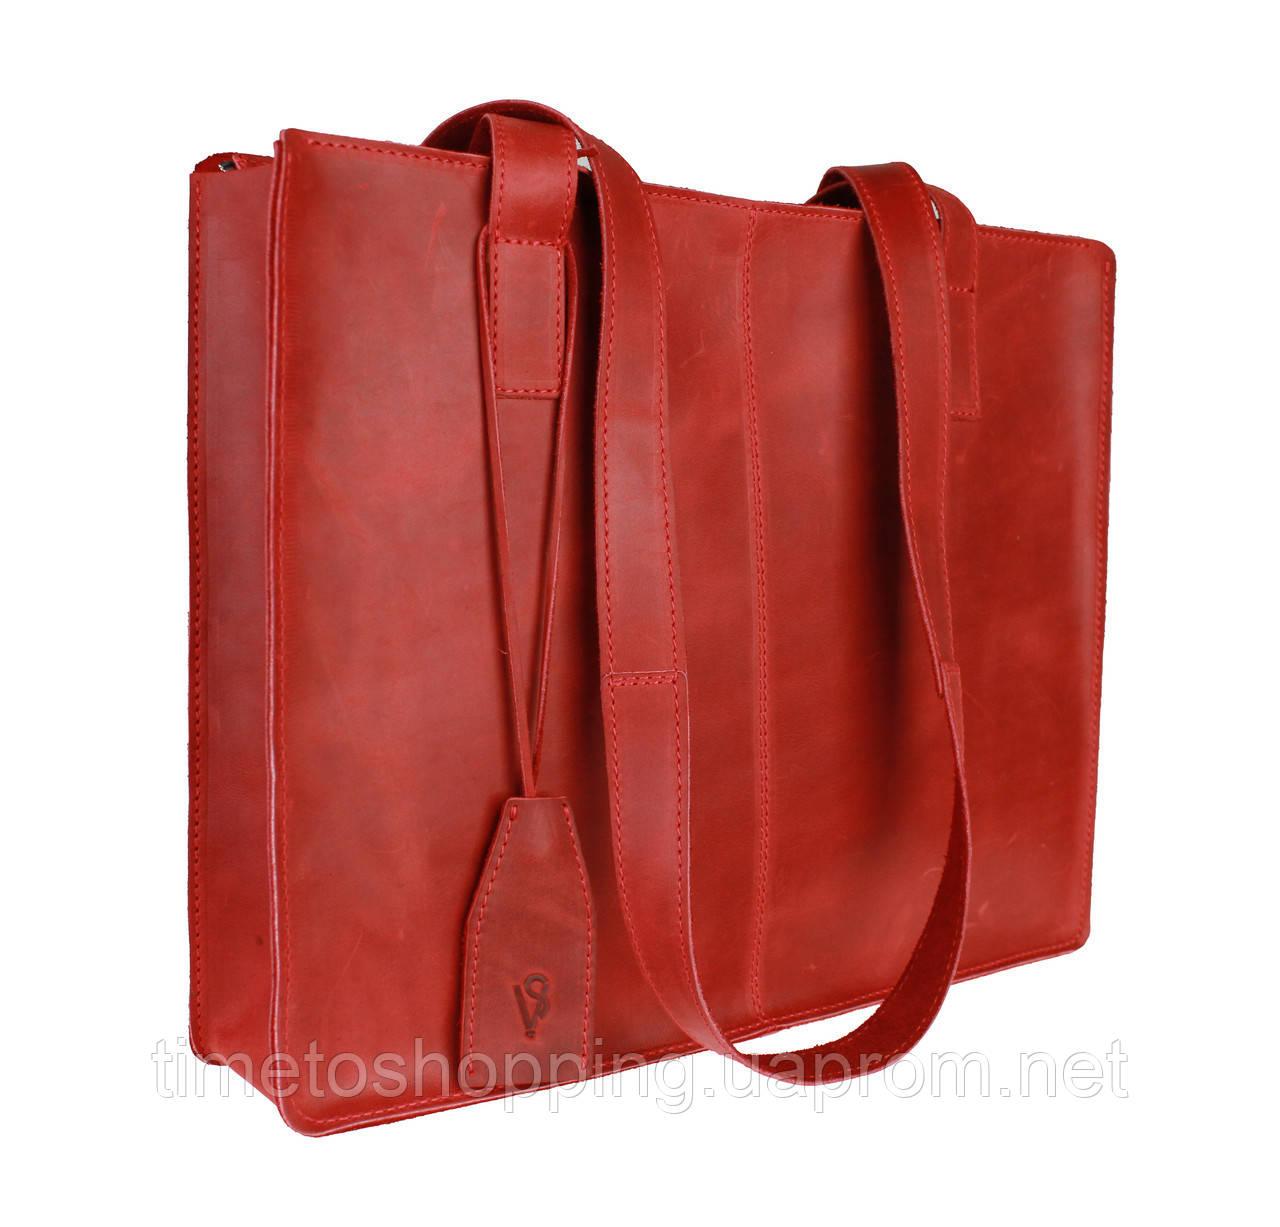 Сумка жіноча шкіряна велика шопер SULLIVAN sg4(40) червона